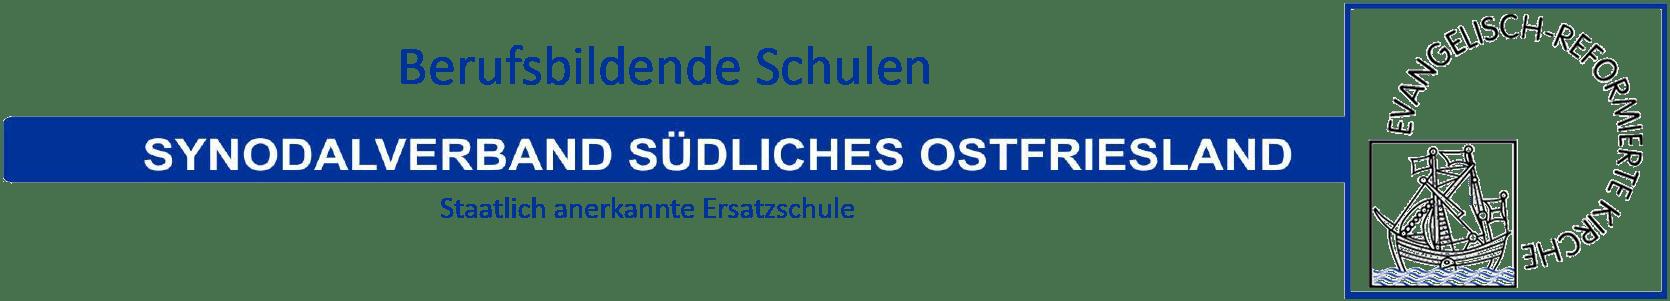 Unternehmertreffen Nordwest Logo BBS des Synodalverband südliches Ostfriesland